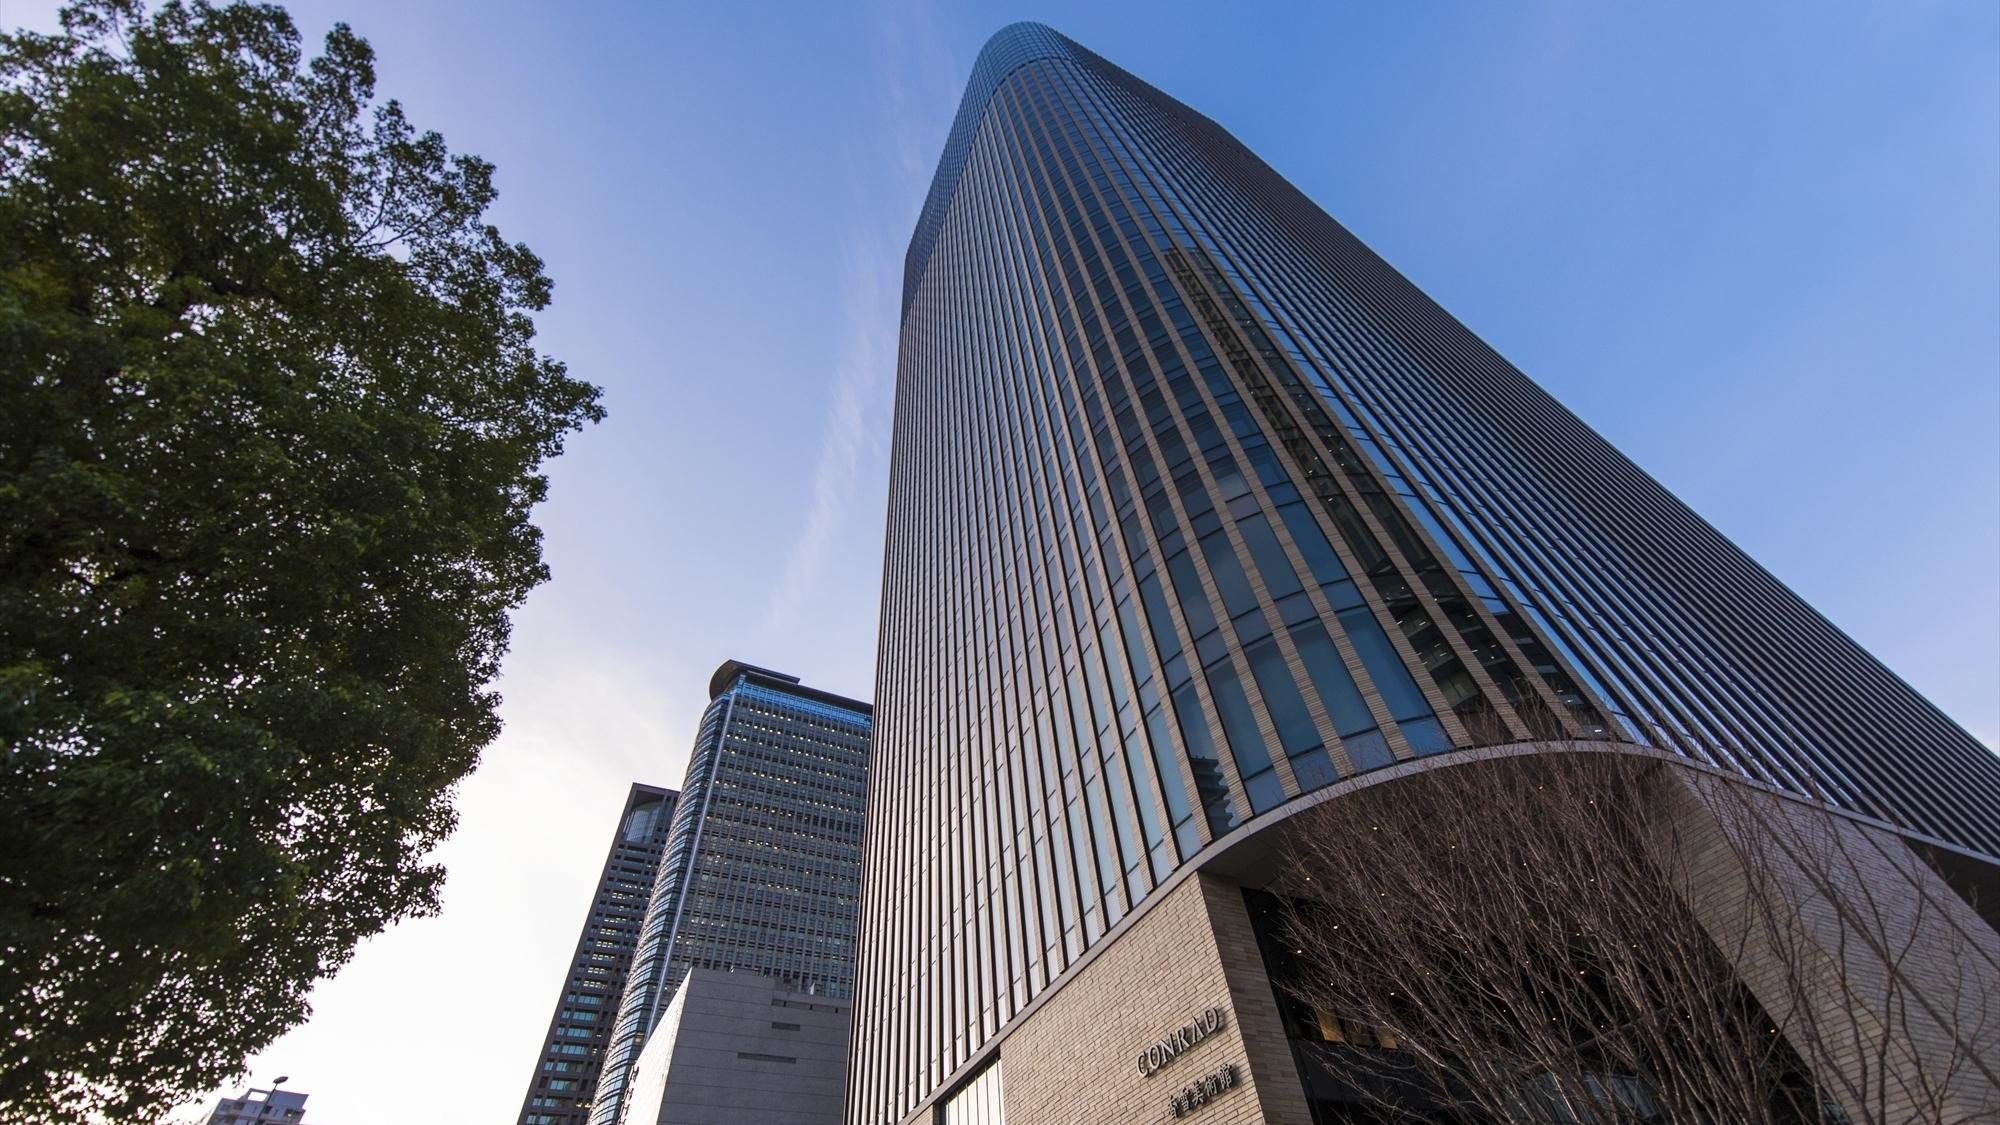 コンラッド大阪 image